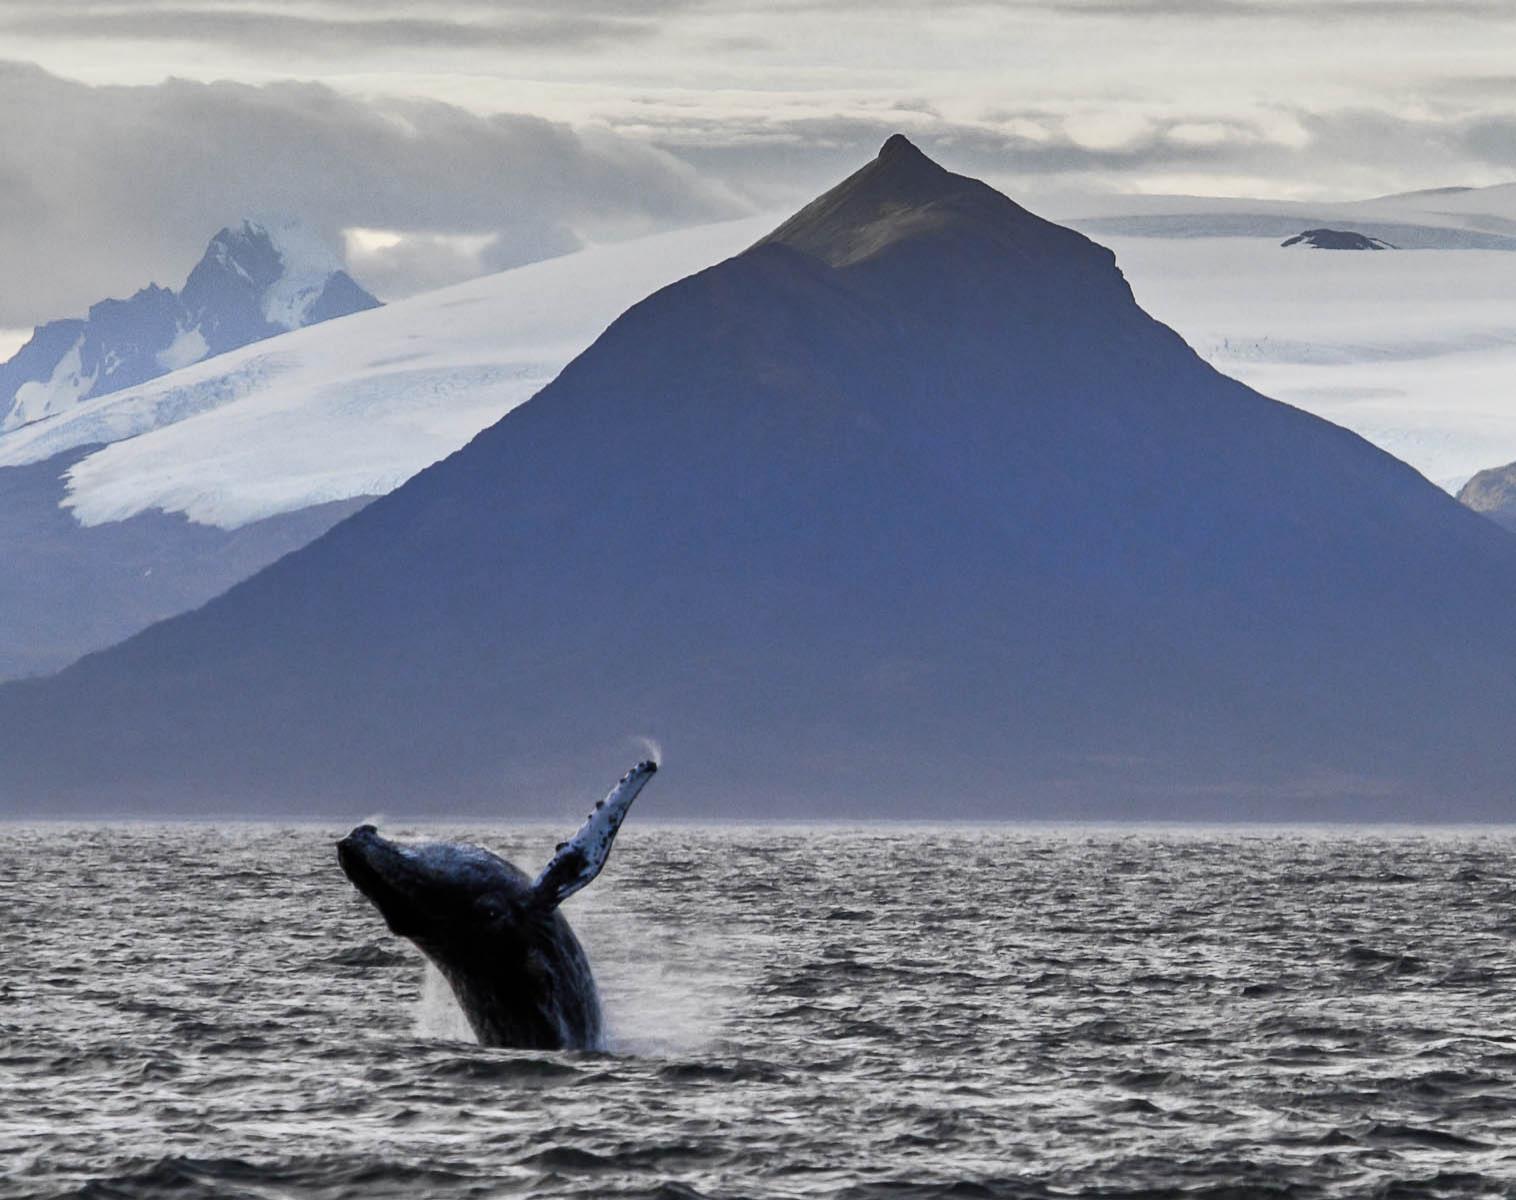 Patagonie  Exploration en Cordillera Darwin : baleines à bosse et canaux de Patagonie   Découverte Trek & Randonnée Kayak & Canoë Observation nature